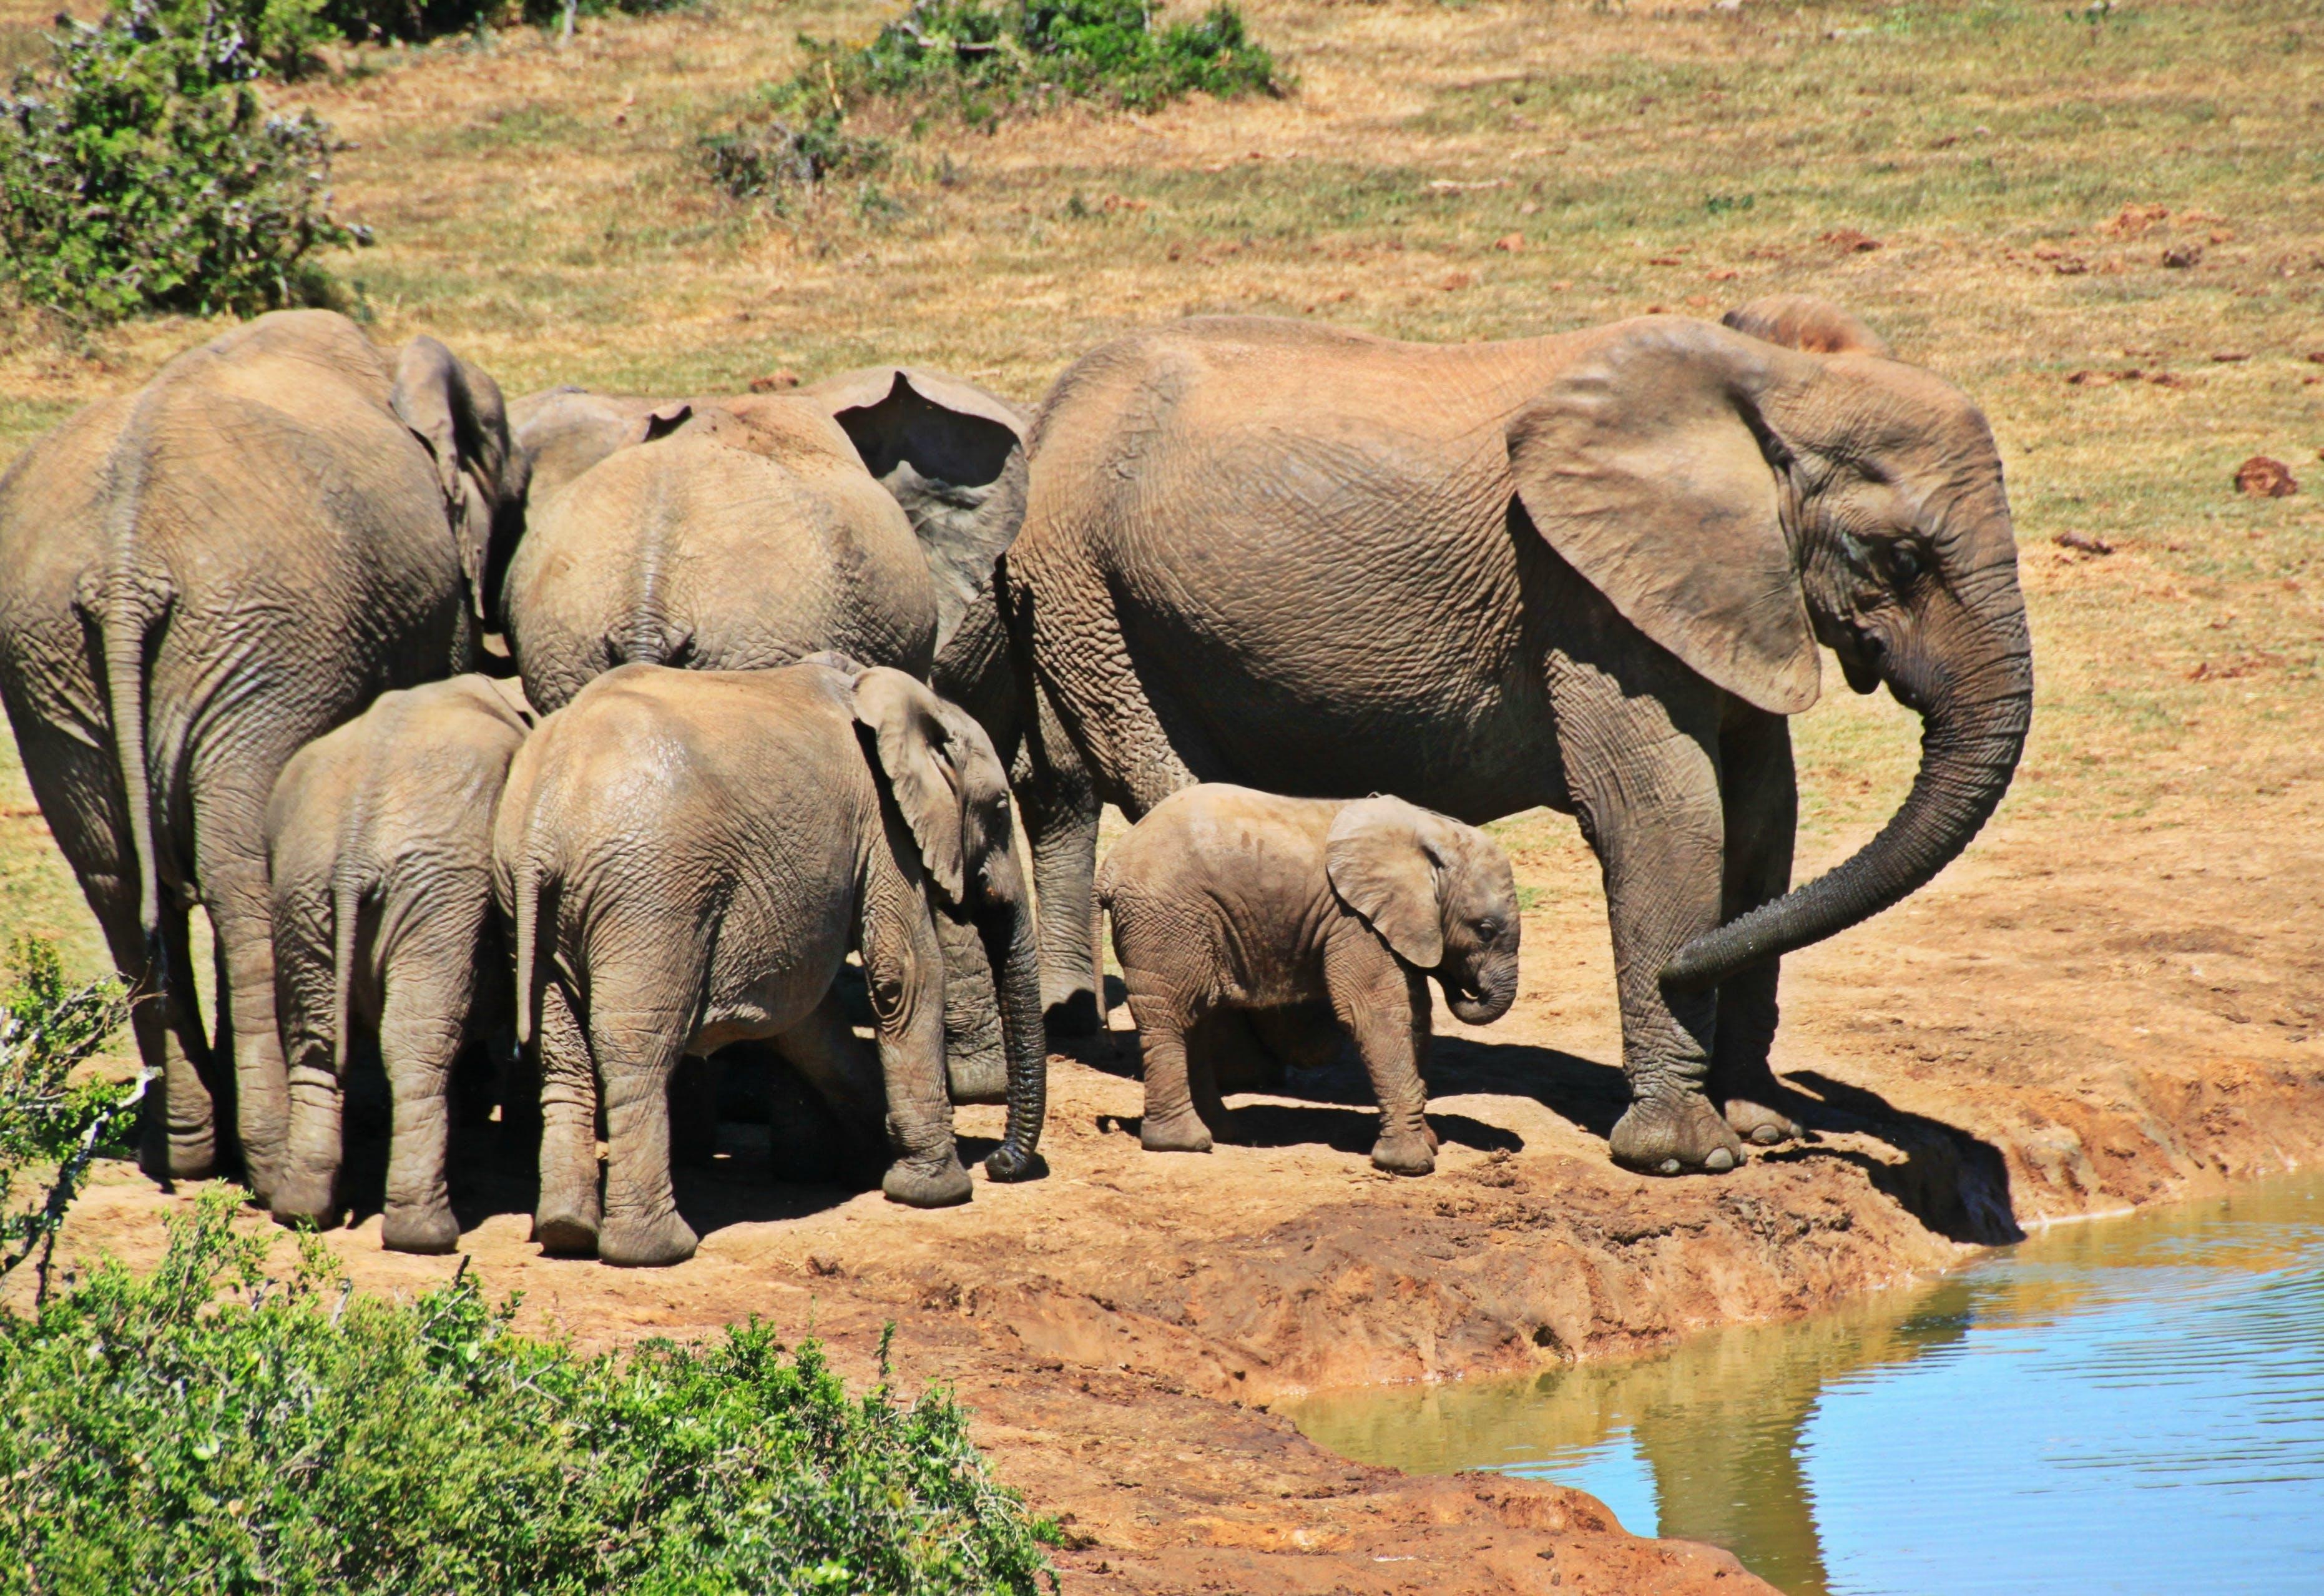 afrikanischer elefant, baumstamm, busch